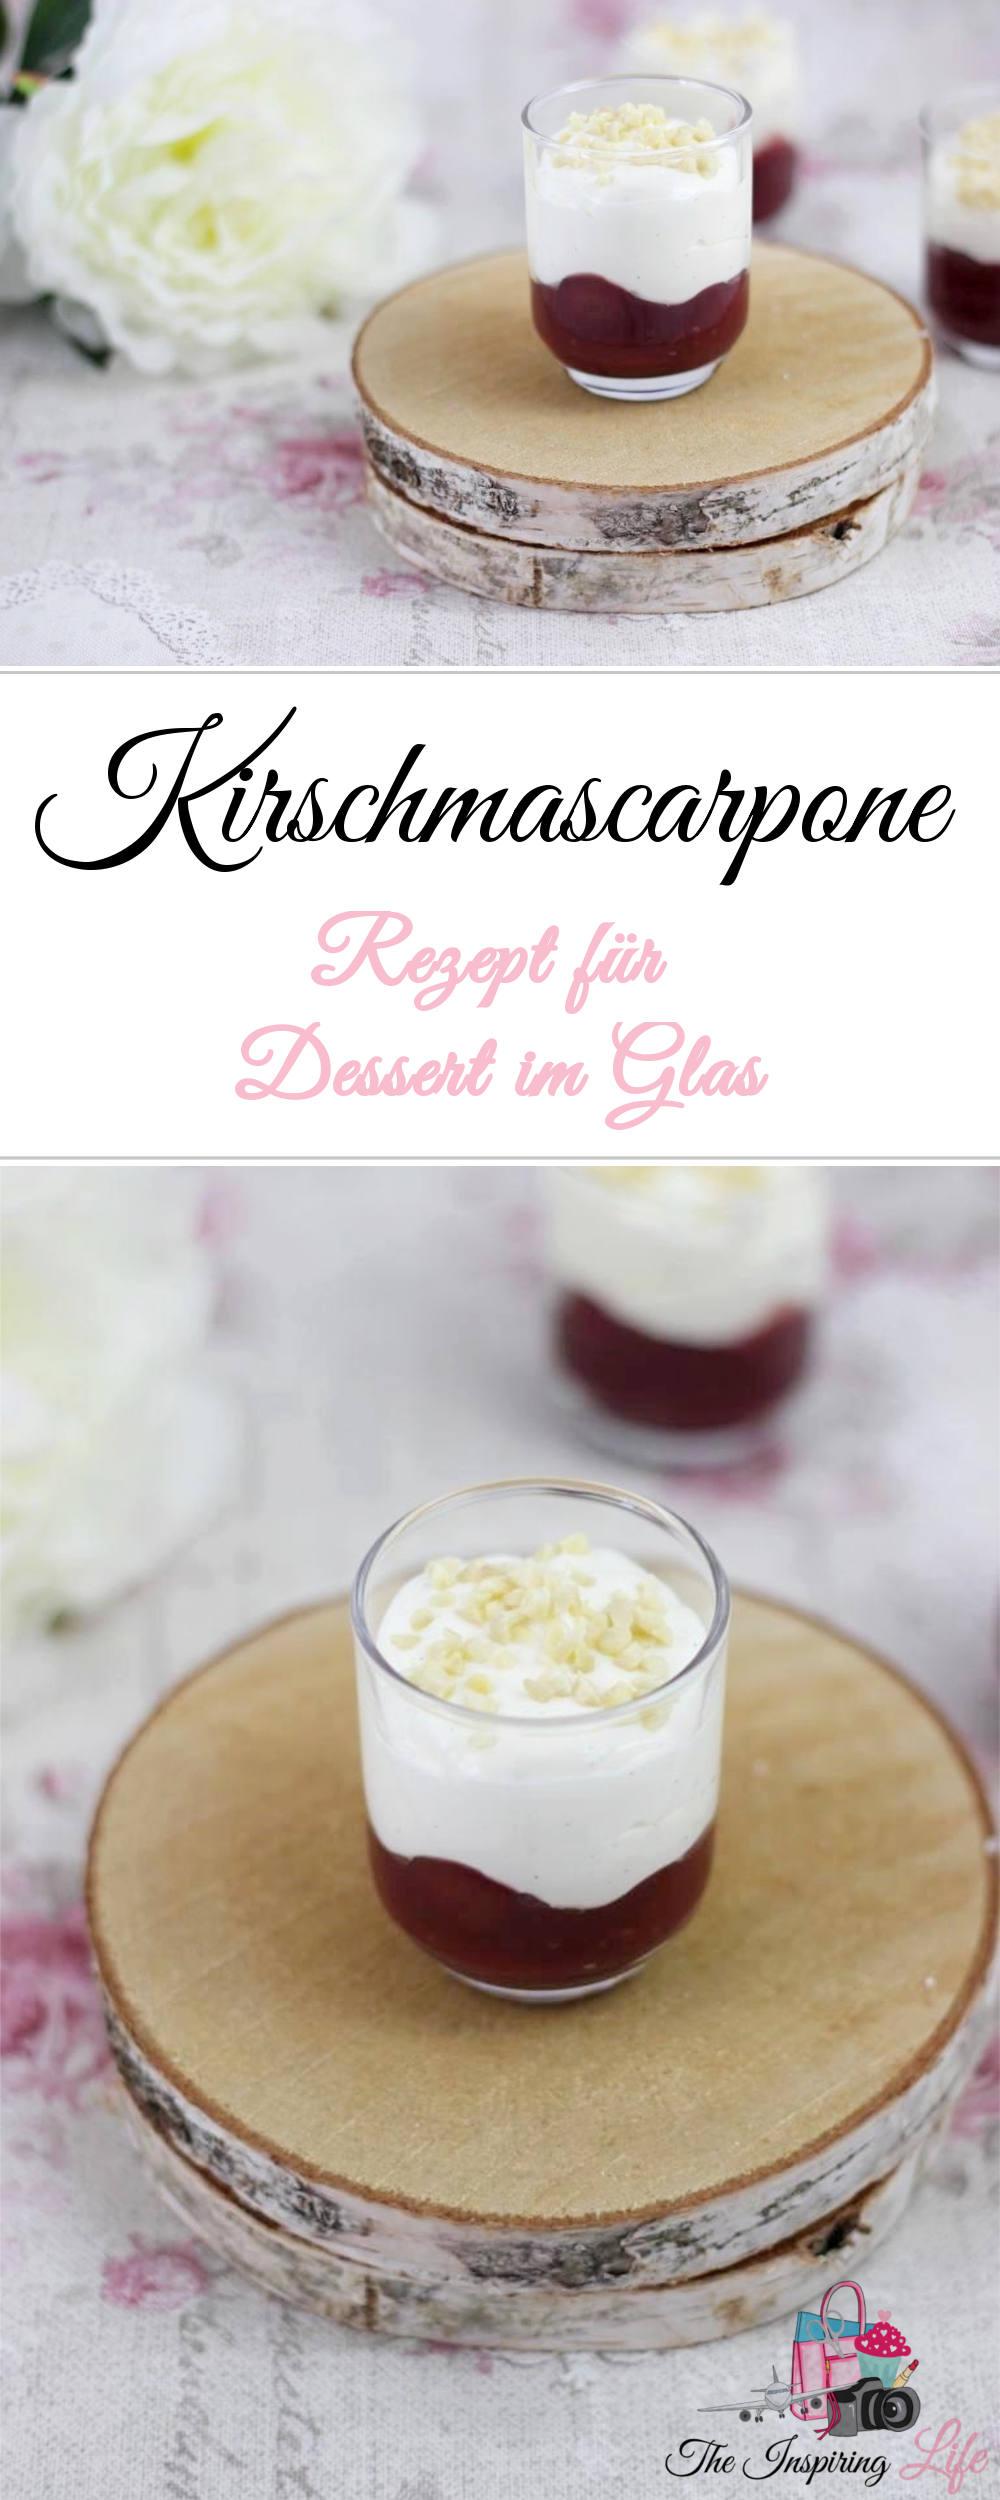 Kirschmascarpone - Rezept für Dessert im Glas von The inspiring Life - Dessert mit Mascarpone und Obst